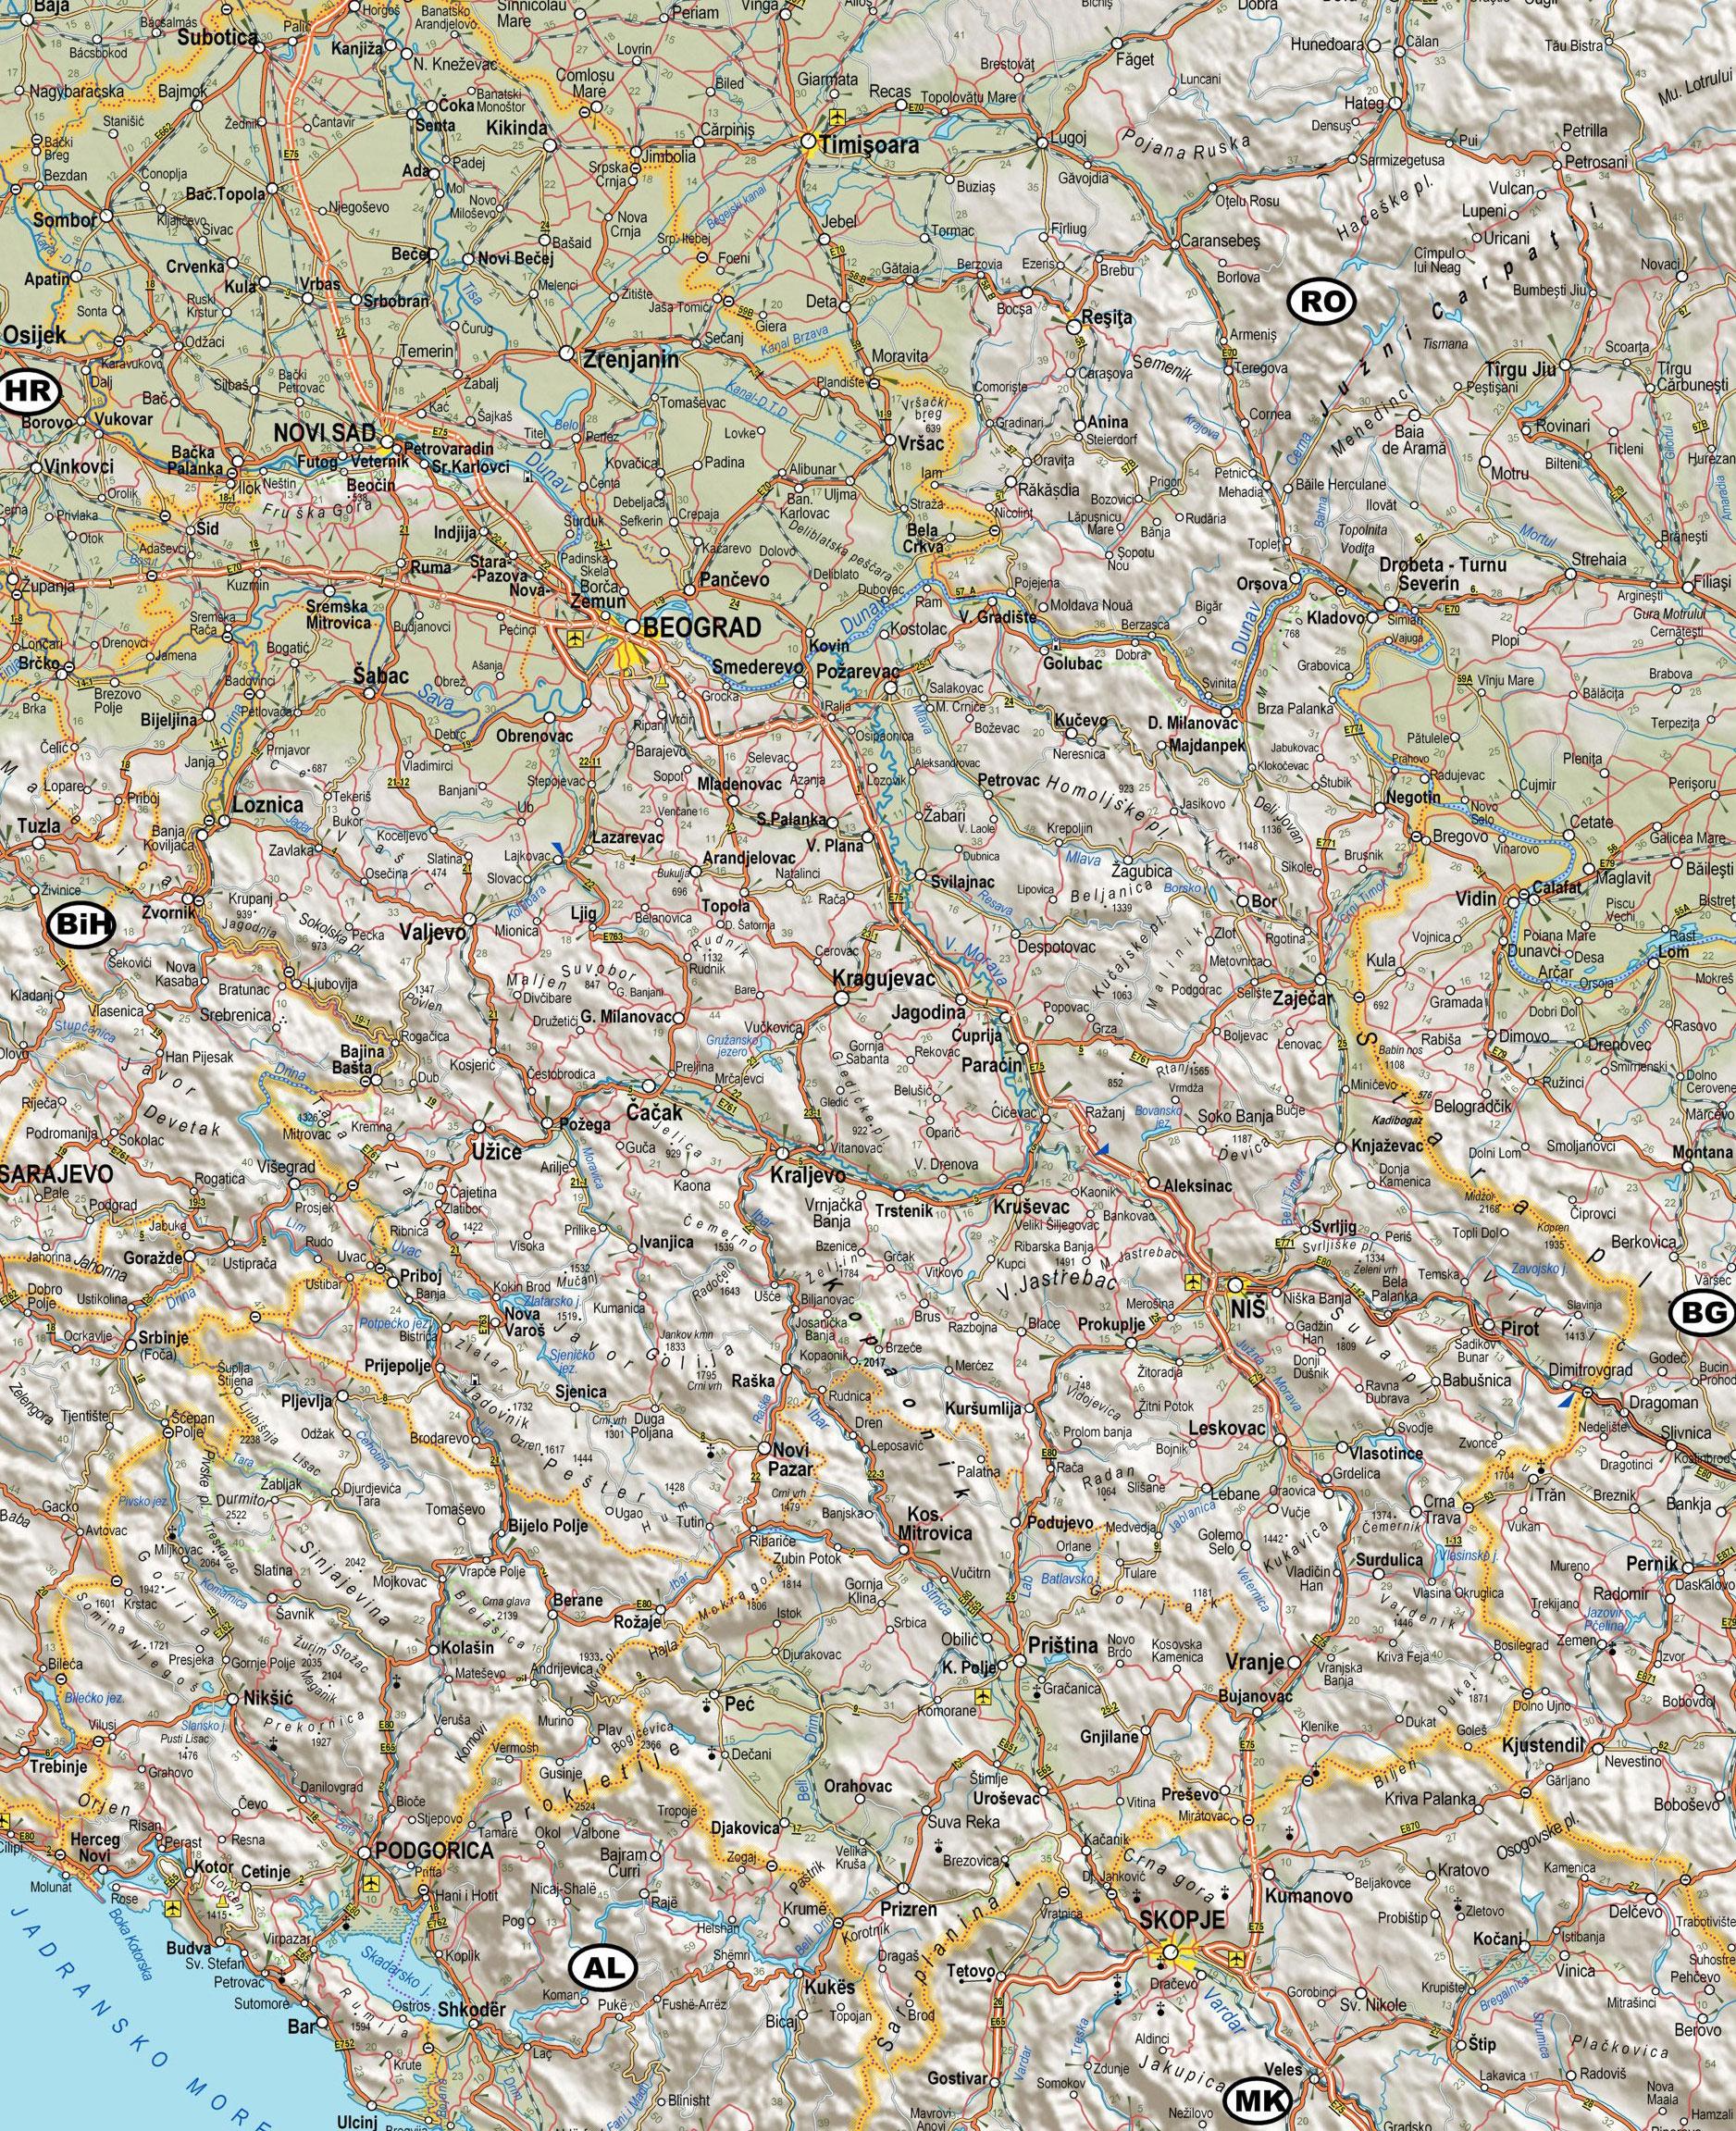 auto karta srbije free download Auto karta Srbije – Motorna vozila auto karta srbije free download